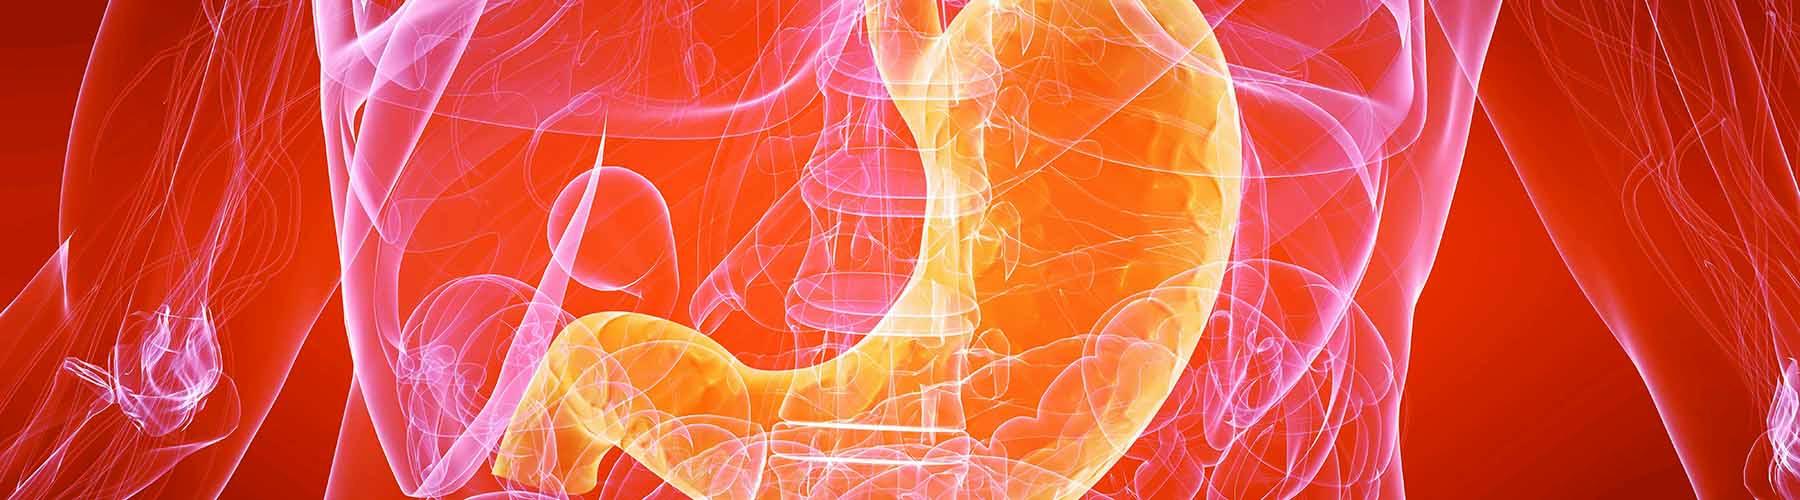 Course Image Trastornos del aparato digestivo, metabolismo y sistema endocrino